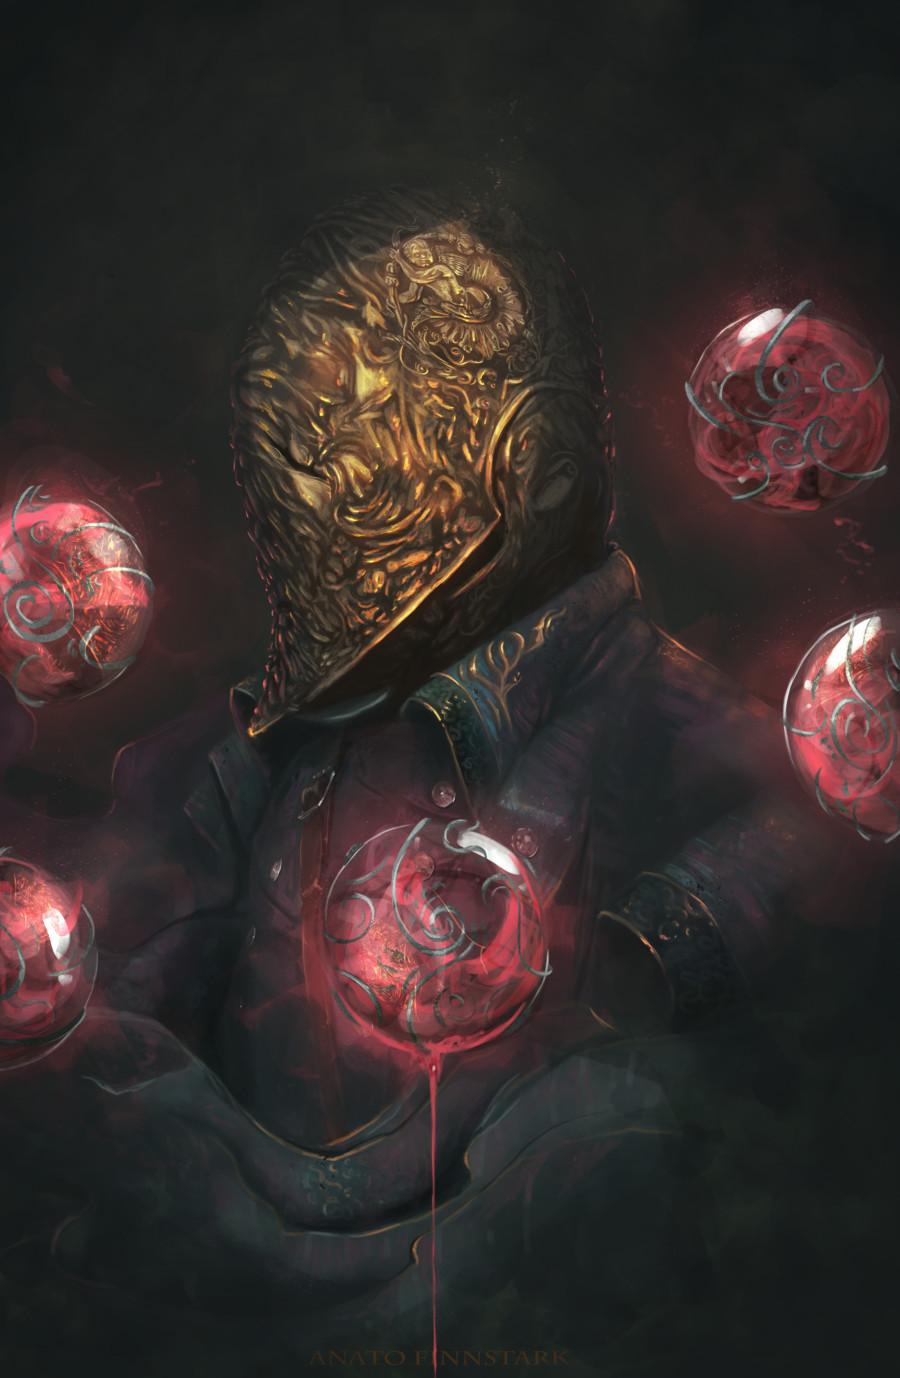 Anato finnstark zenyatta bloodborne overwatch by anatofinnstark dc13qyn